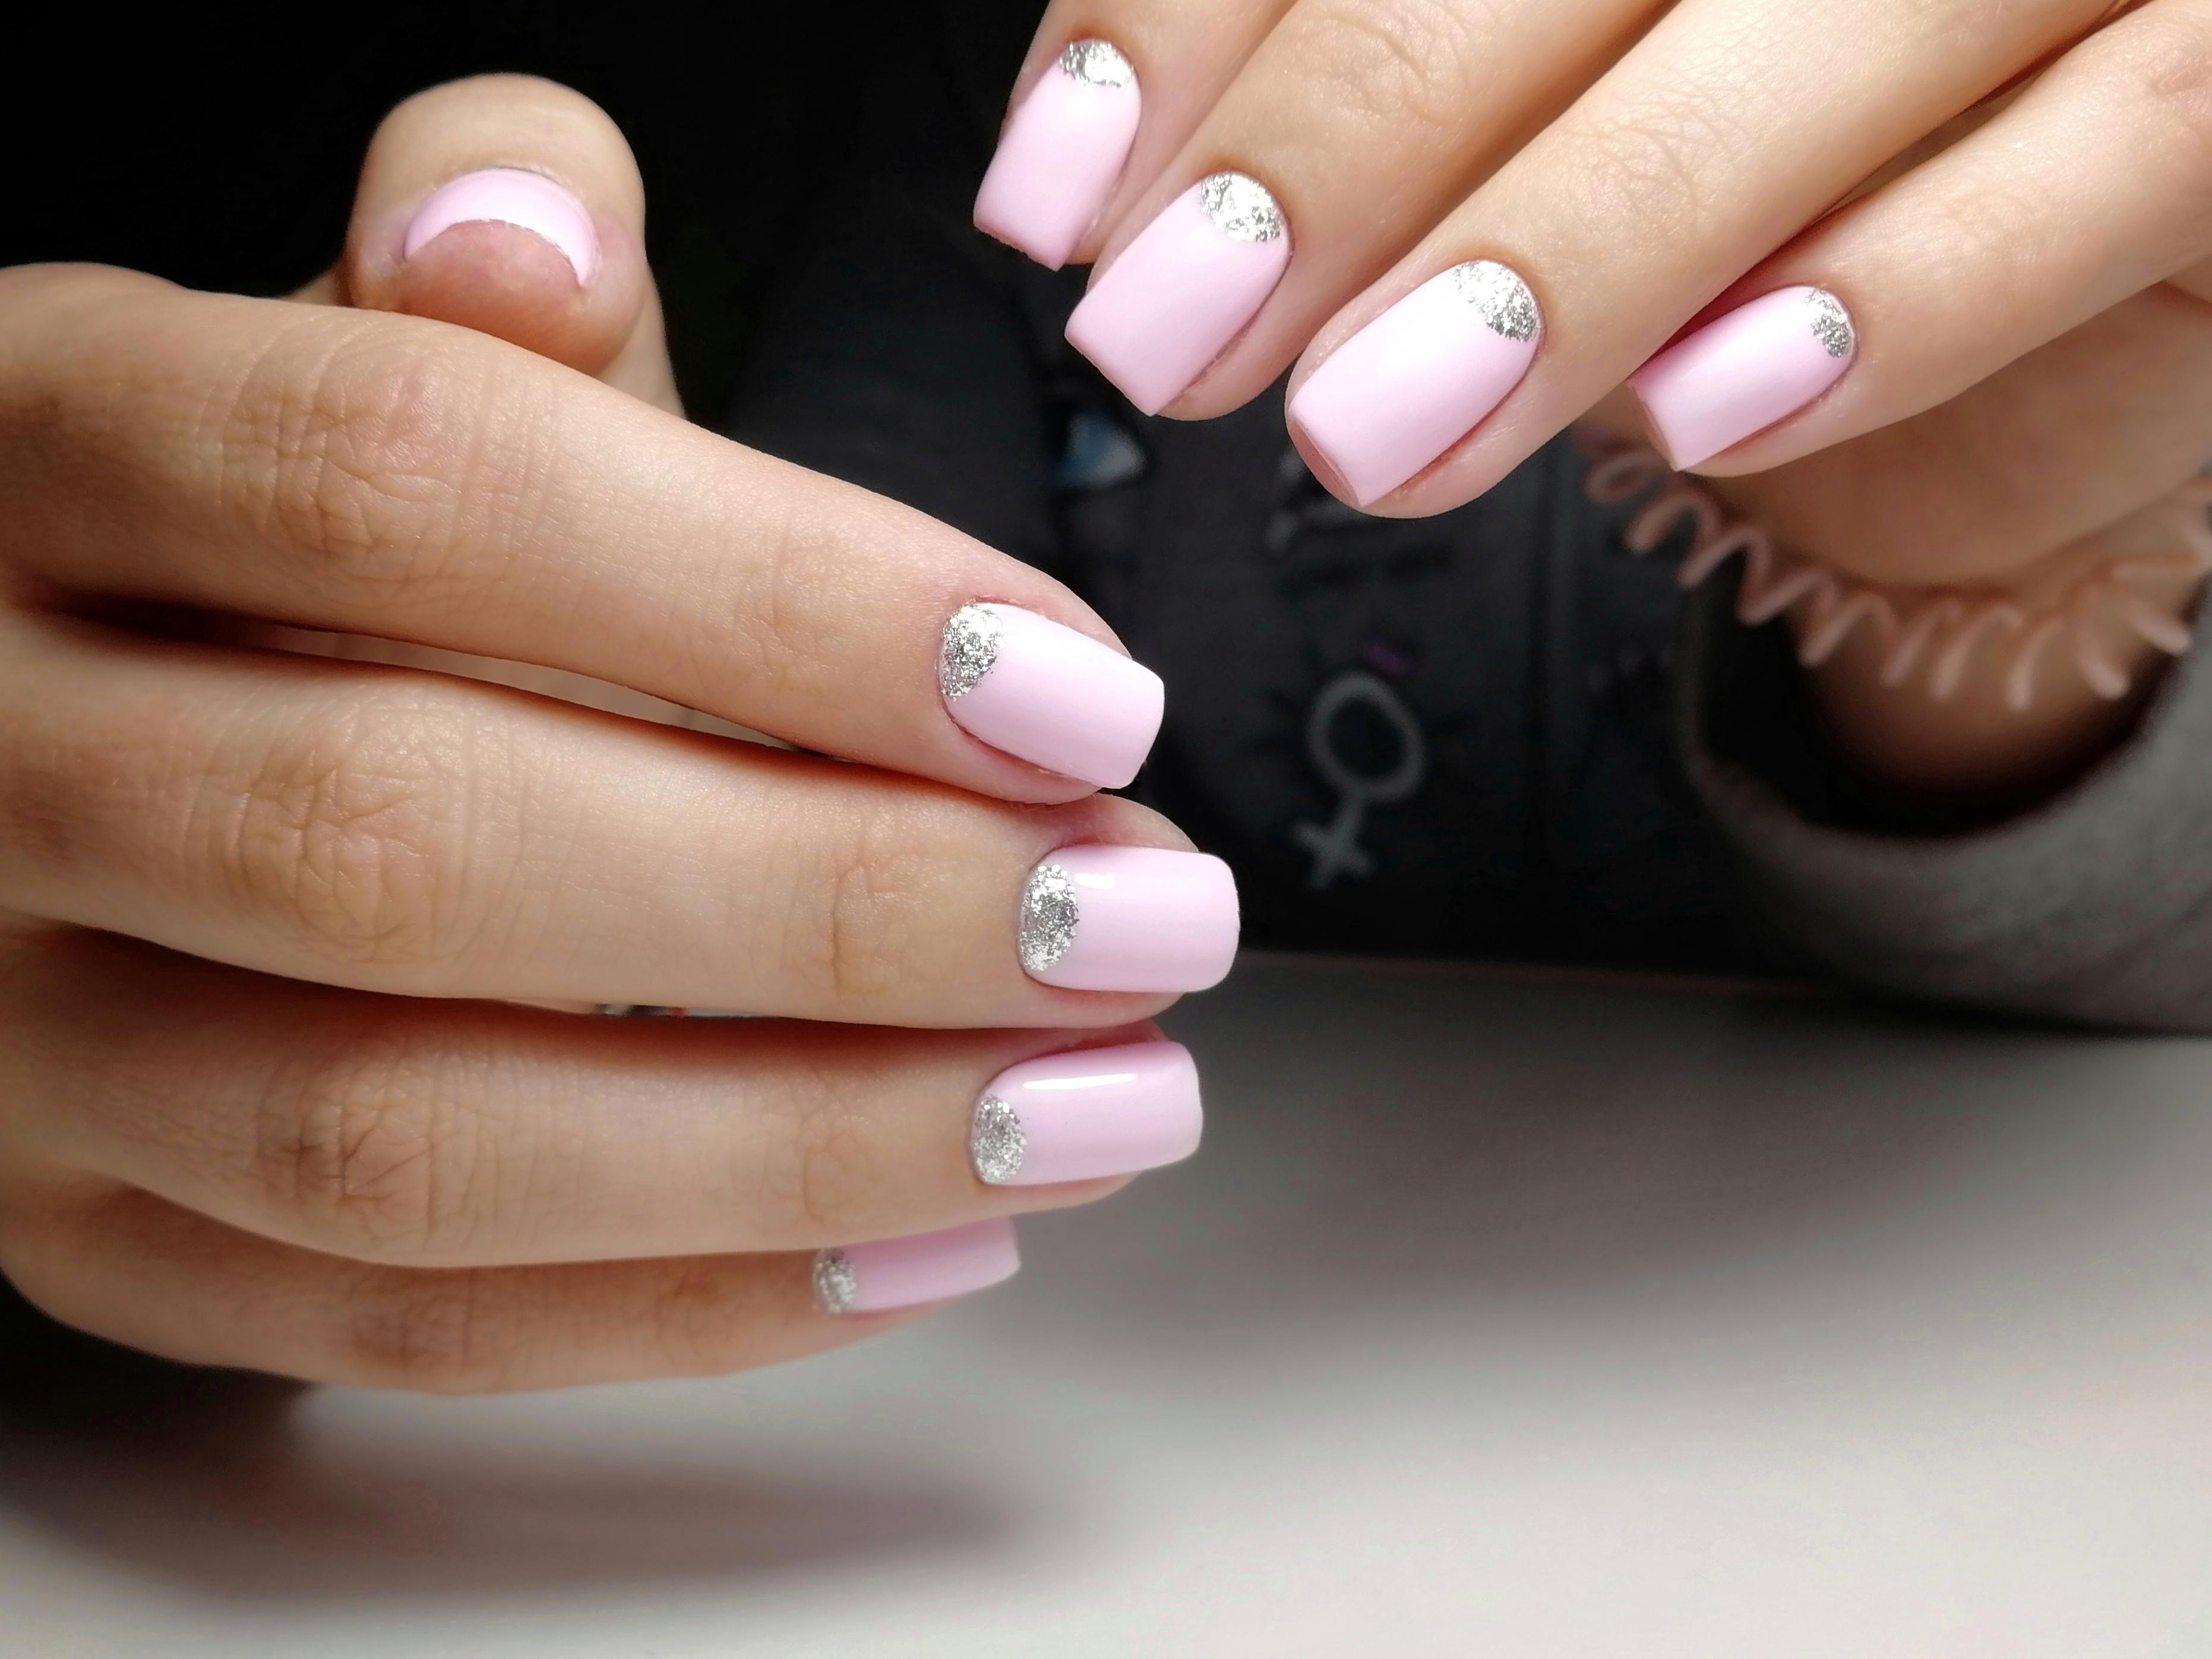 Матовый лунный маникюр с серебряными блестками в розовом цвете.